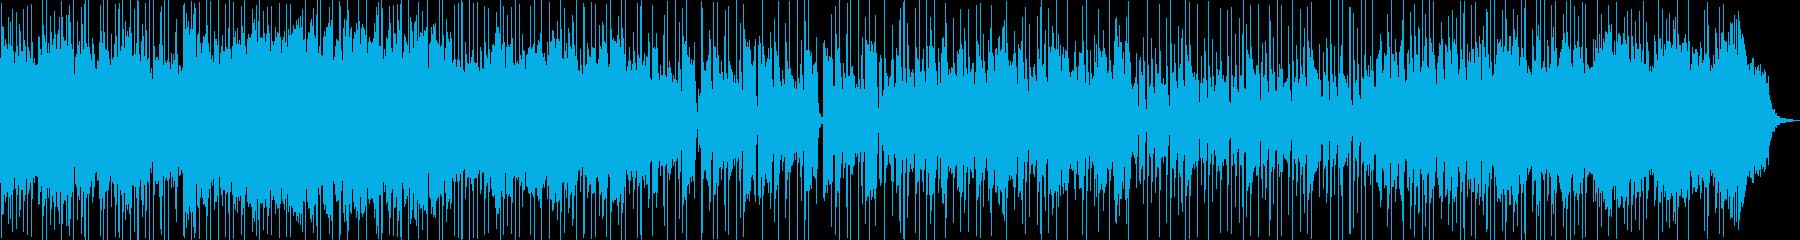 エレキ炸裂ロックンロールです!の再生済みの波形